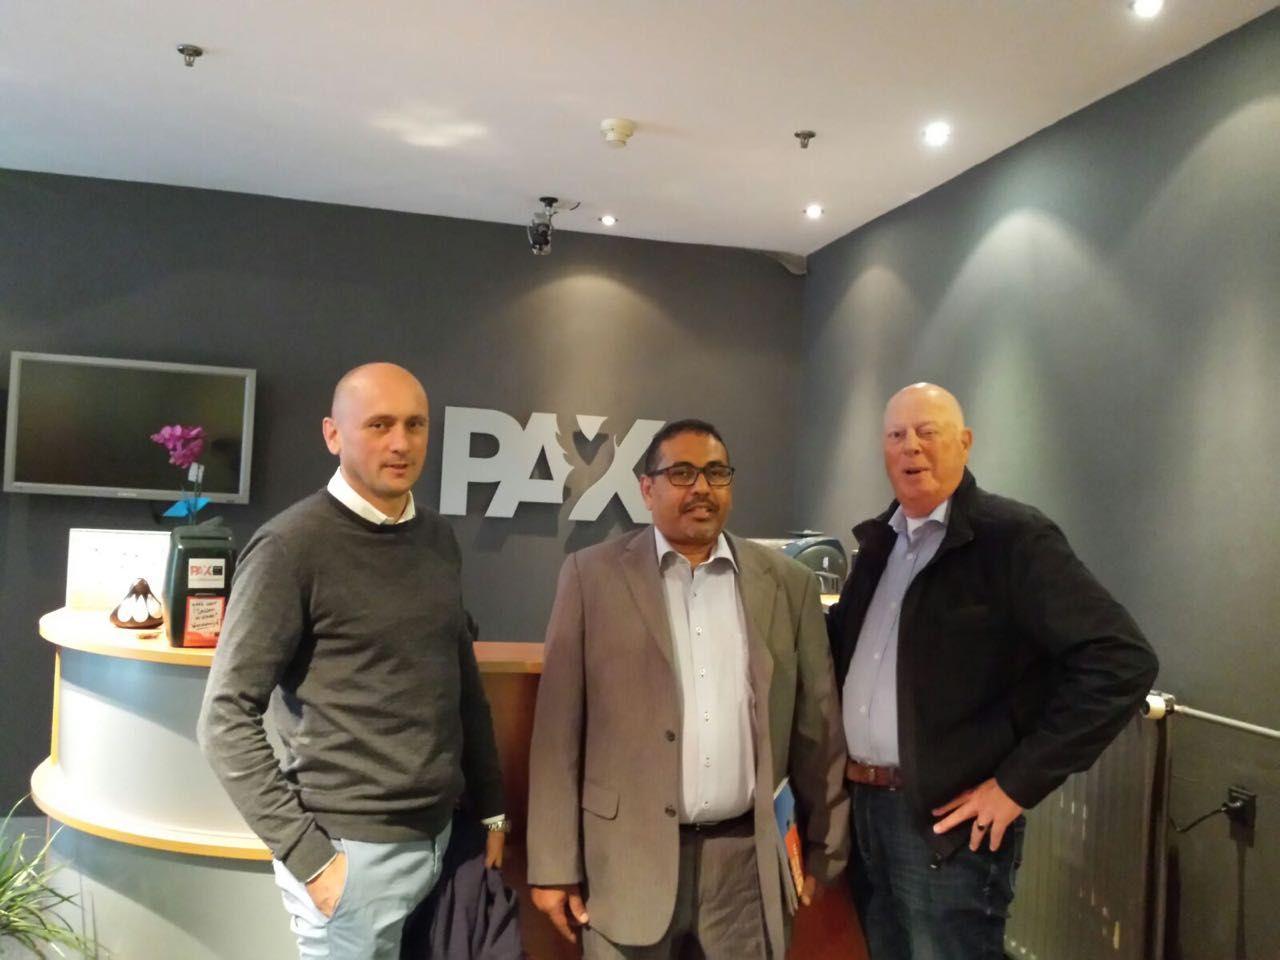 اسامة سعيد يلتقي ممثلي pax الهولندية